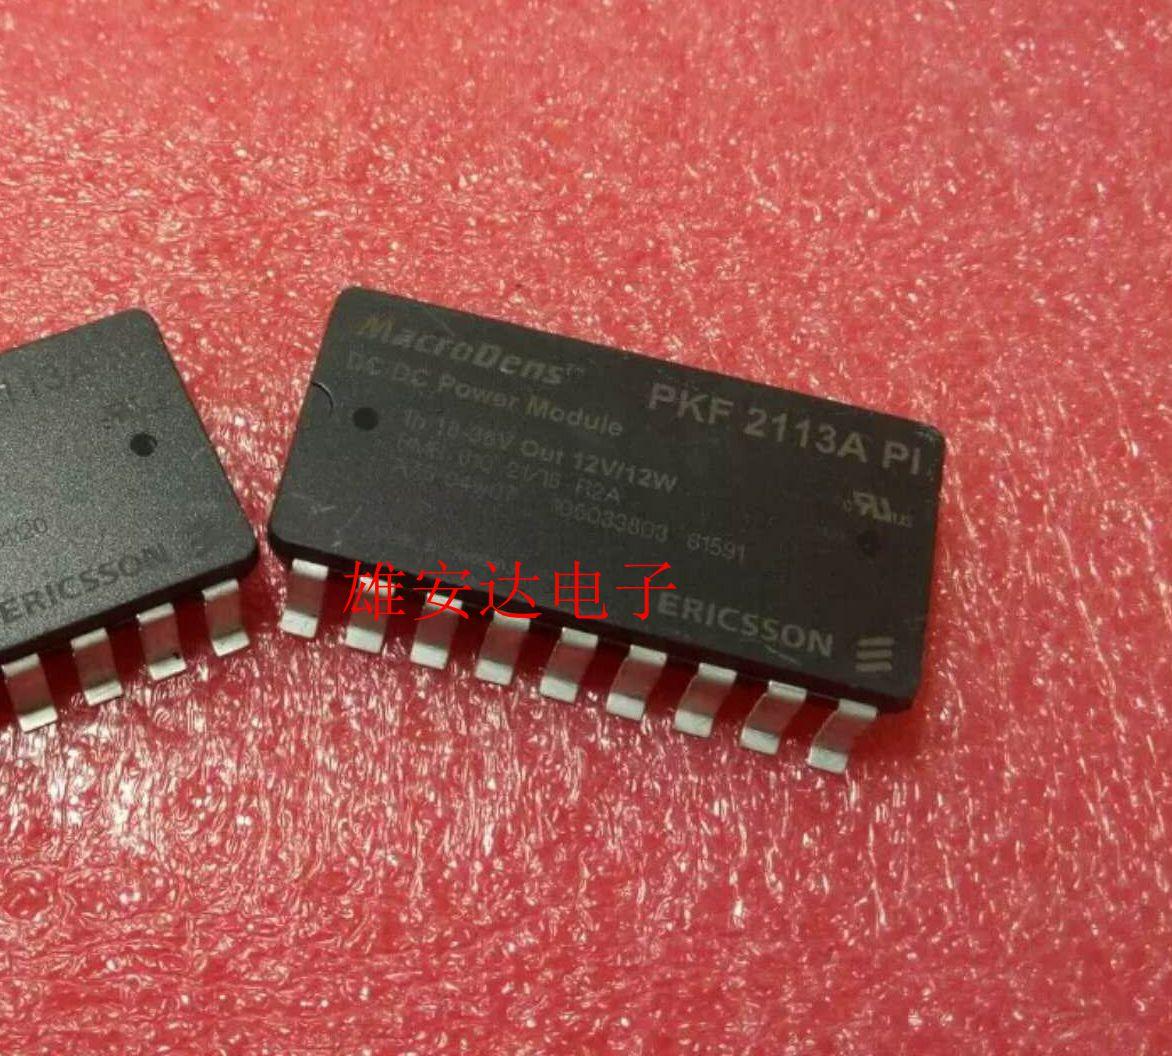 PKF2113A енергийния модул DC-DC24V се 12V12W нови оригинални разглобяват